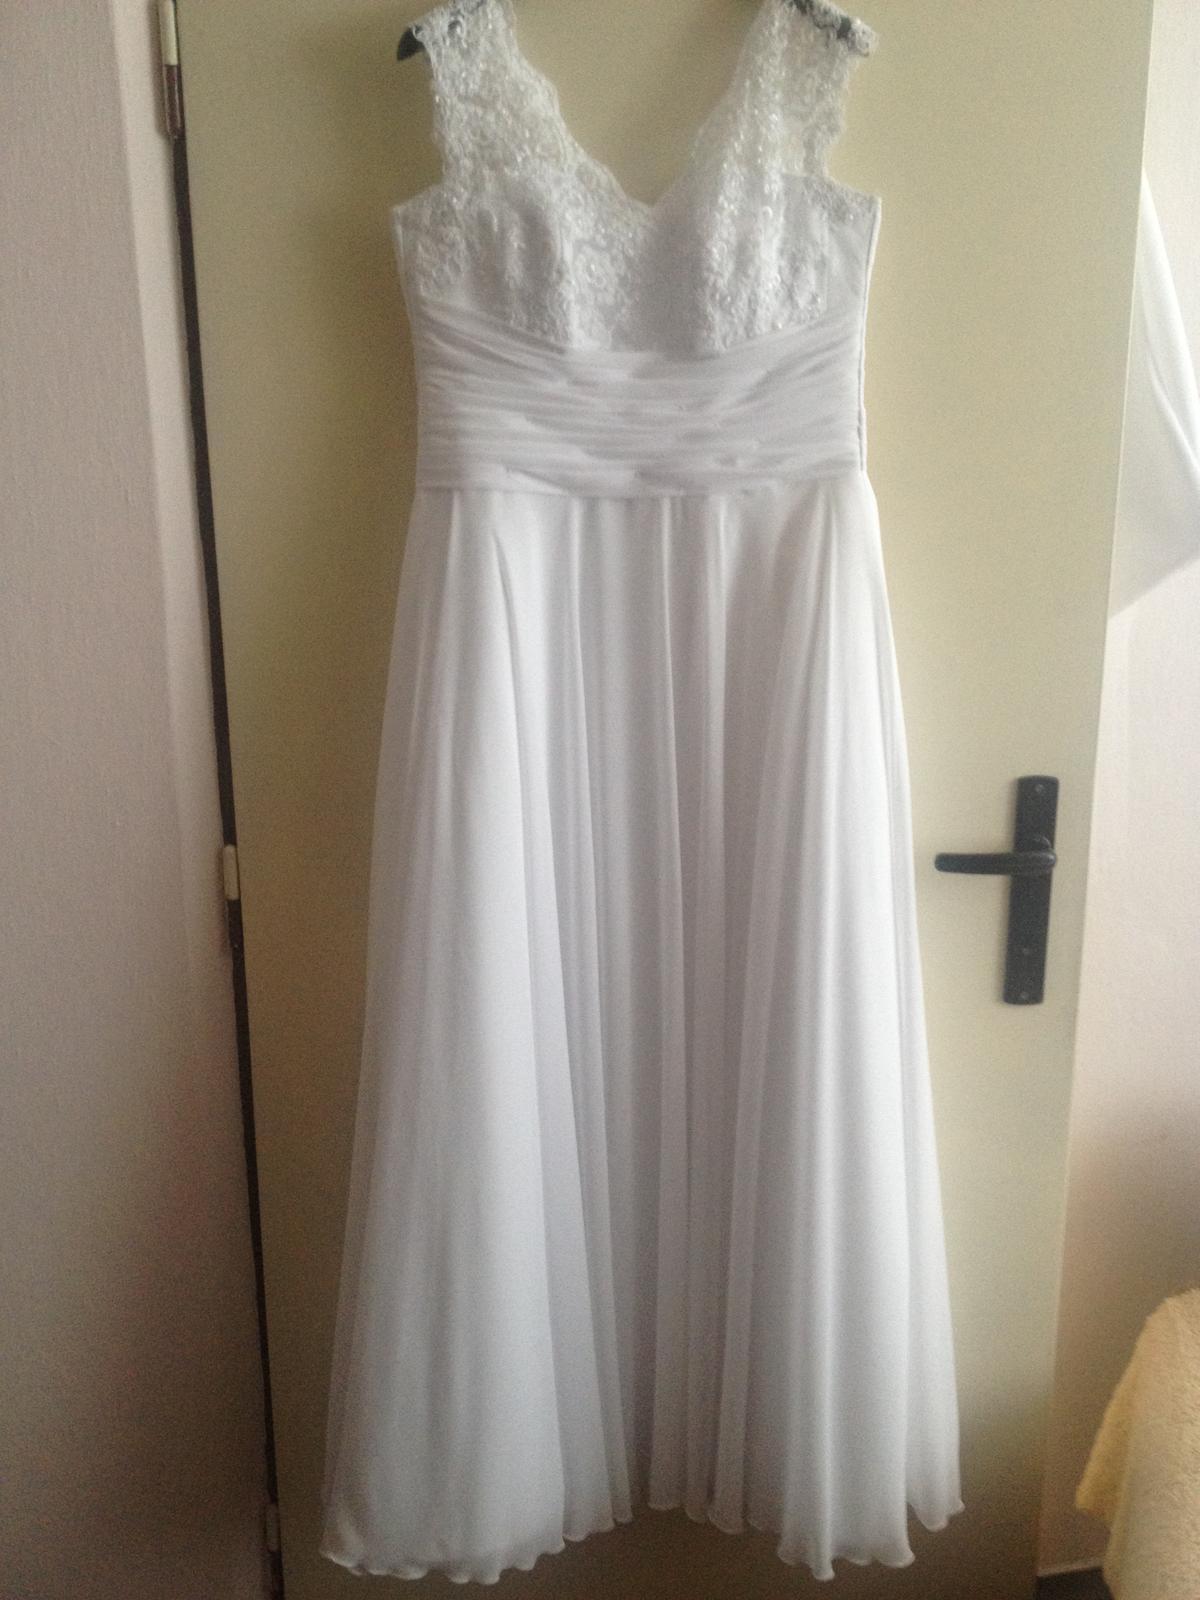 Biele svadobné šaty + bolerko a závoj - Obrázok č. 1